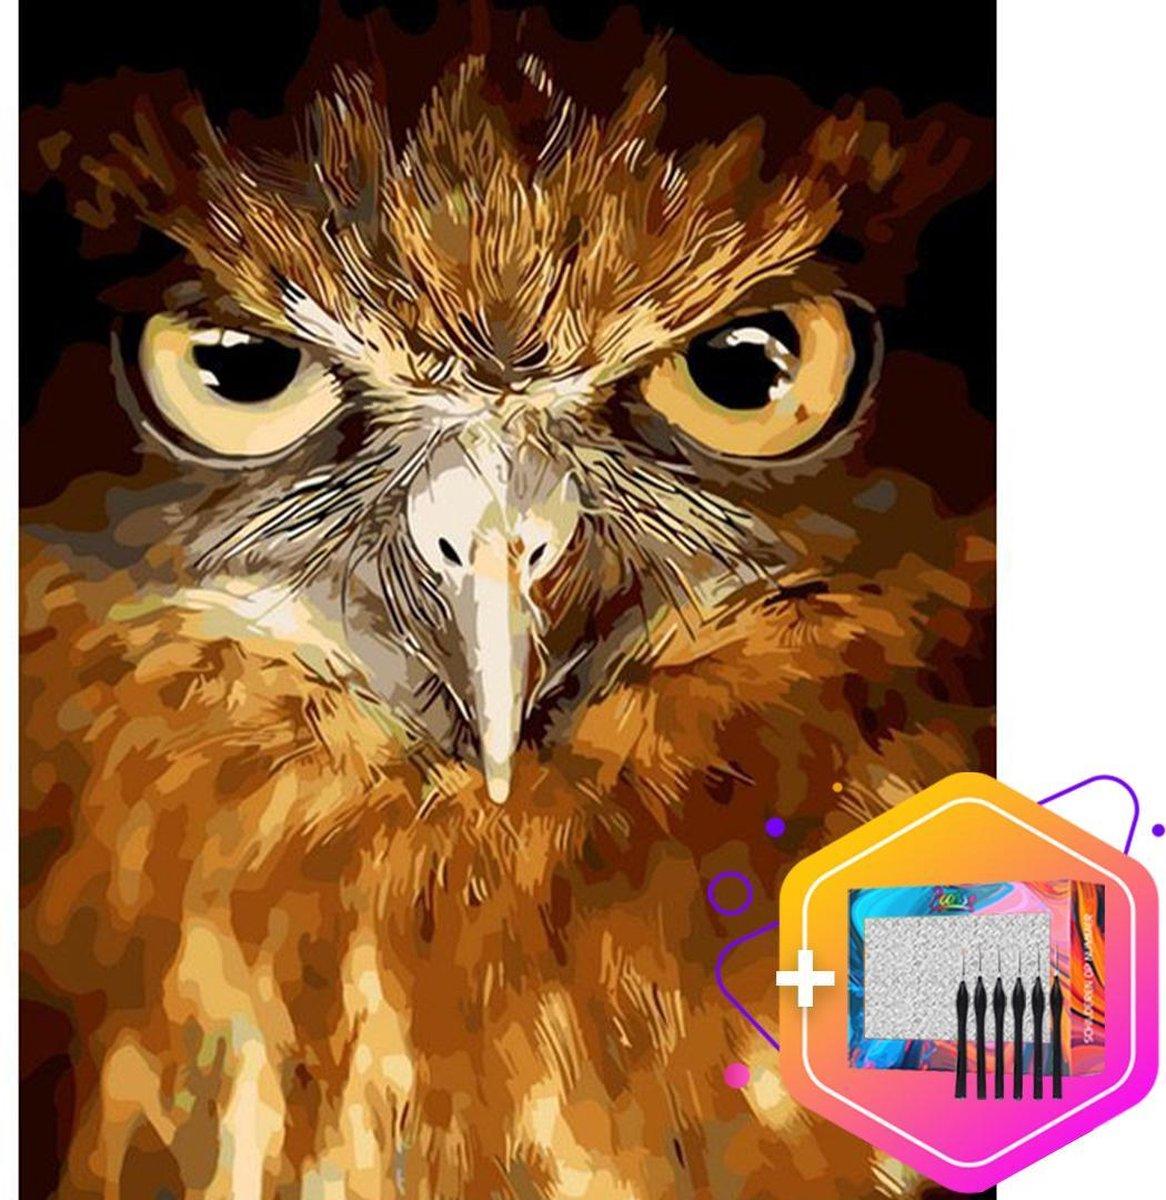 Pcasso ® Uil Realistisch - Schilderen Op Nummer - Incl. 6 Ergonomische Penselen En Geschenkverpakking - Schilderen Op Nummer Dieren - Schilderen Op Nummer Volwassenen - Canvas Schilderdoek - Kleuren Op Nummer - 40x50 cm